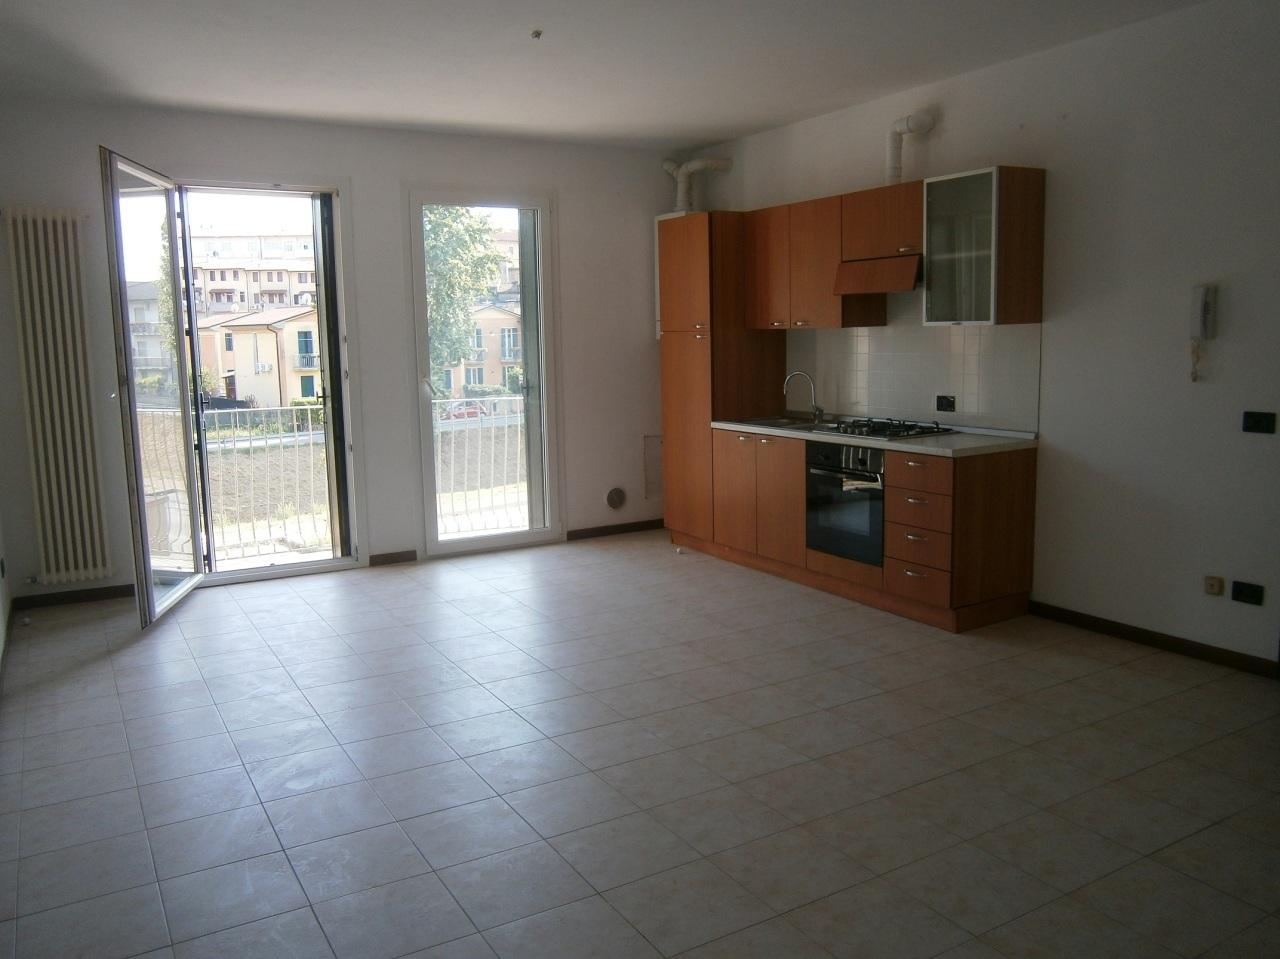 Appartamento in affitto a Sarego, 2 locali, prezzo € 430 | CambioCasa.it